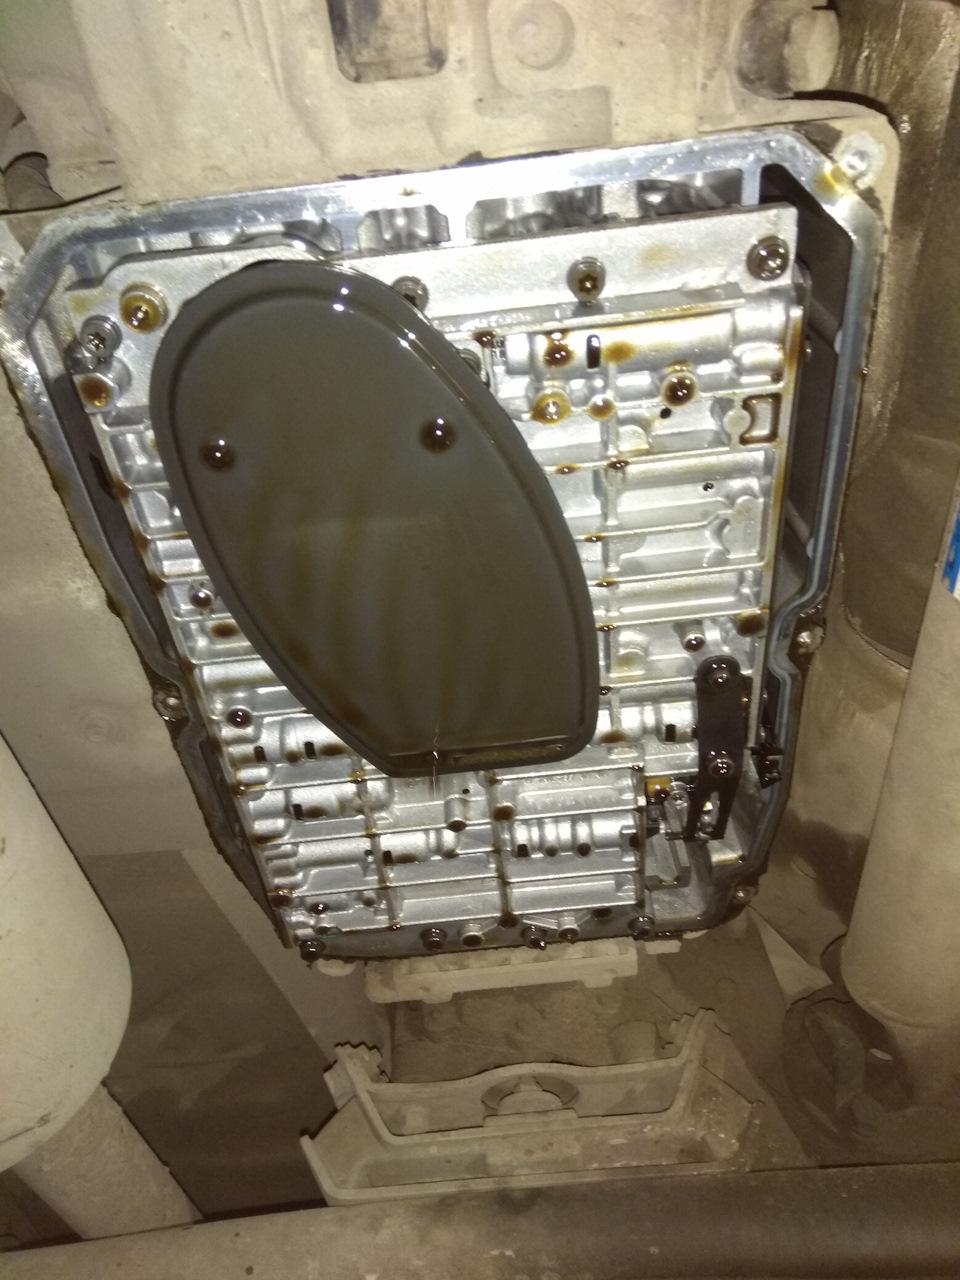 kSAAAgCr8OA-960.jpg